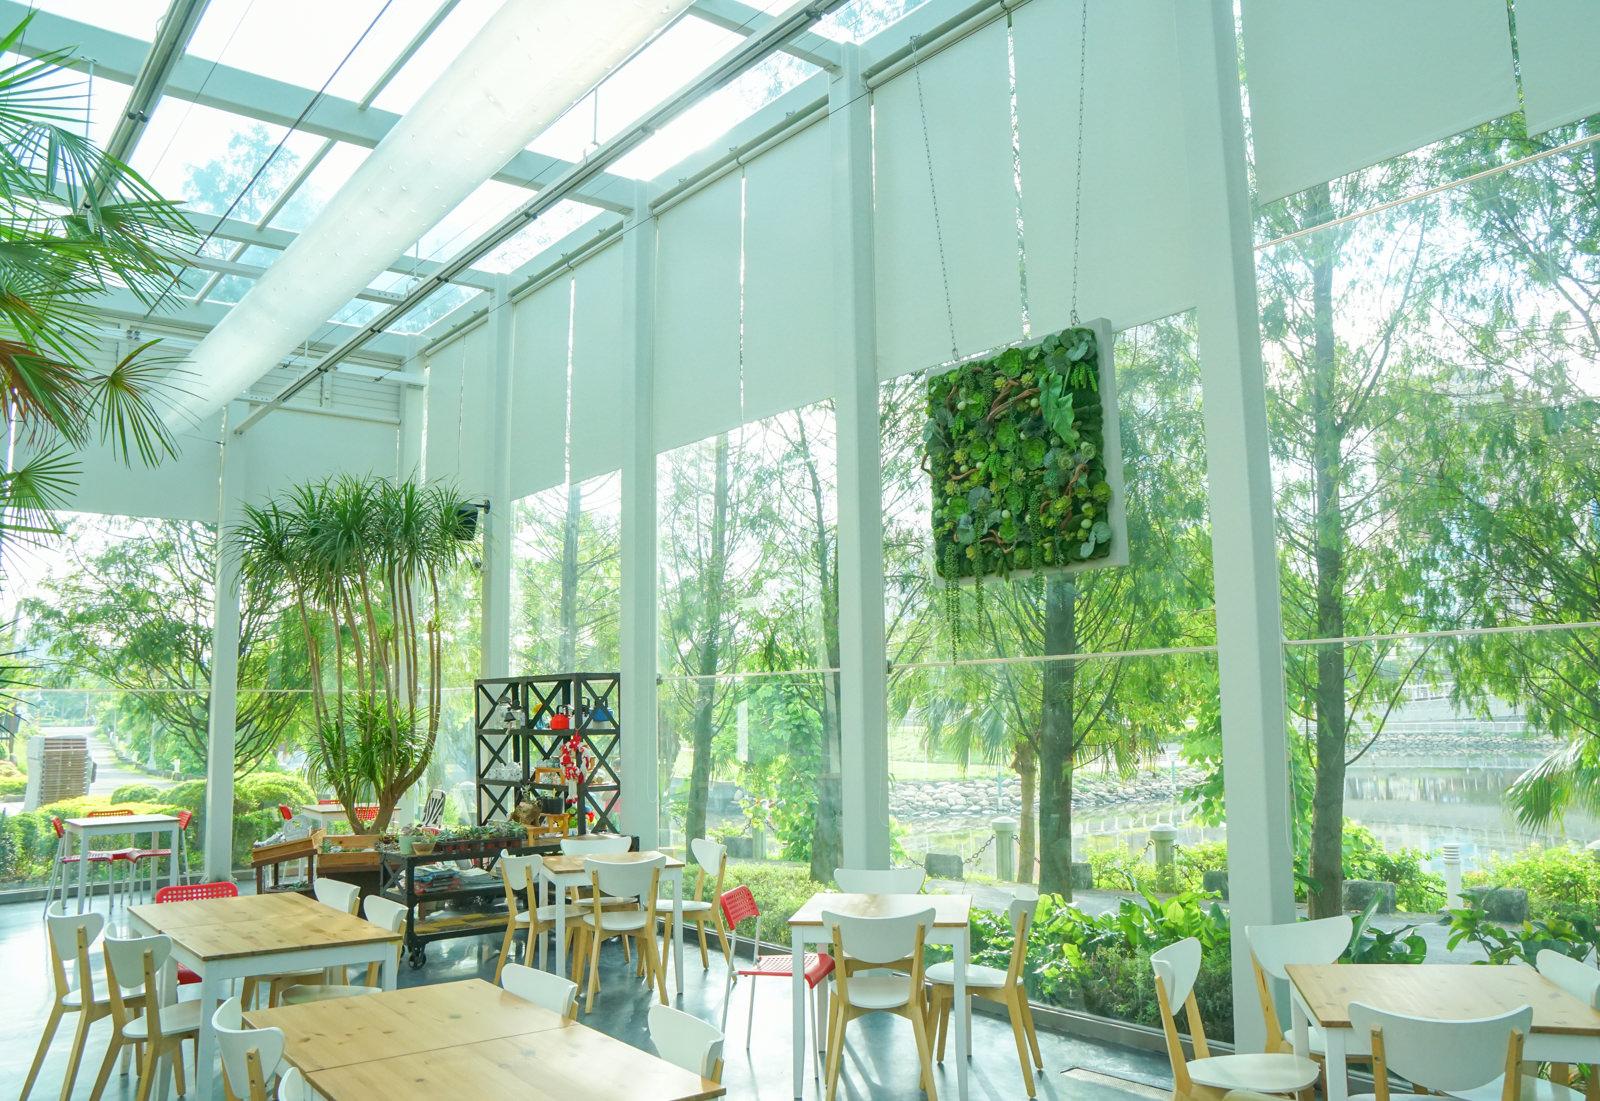 [高雄]沙丘南特Succulent-愛河畔隱藏版絕美玻璃屋! 來個假日悠閒早餐 高雄早午餐推薦 @美食好芃友